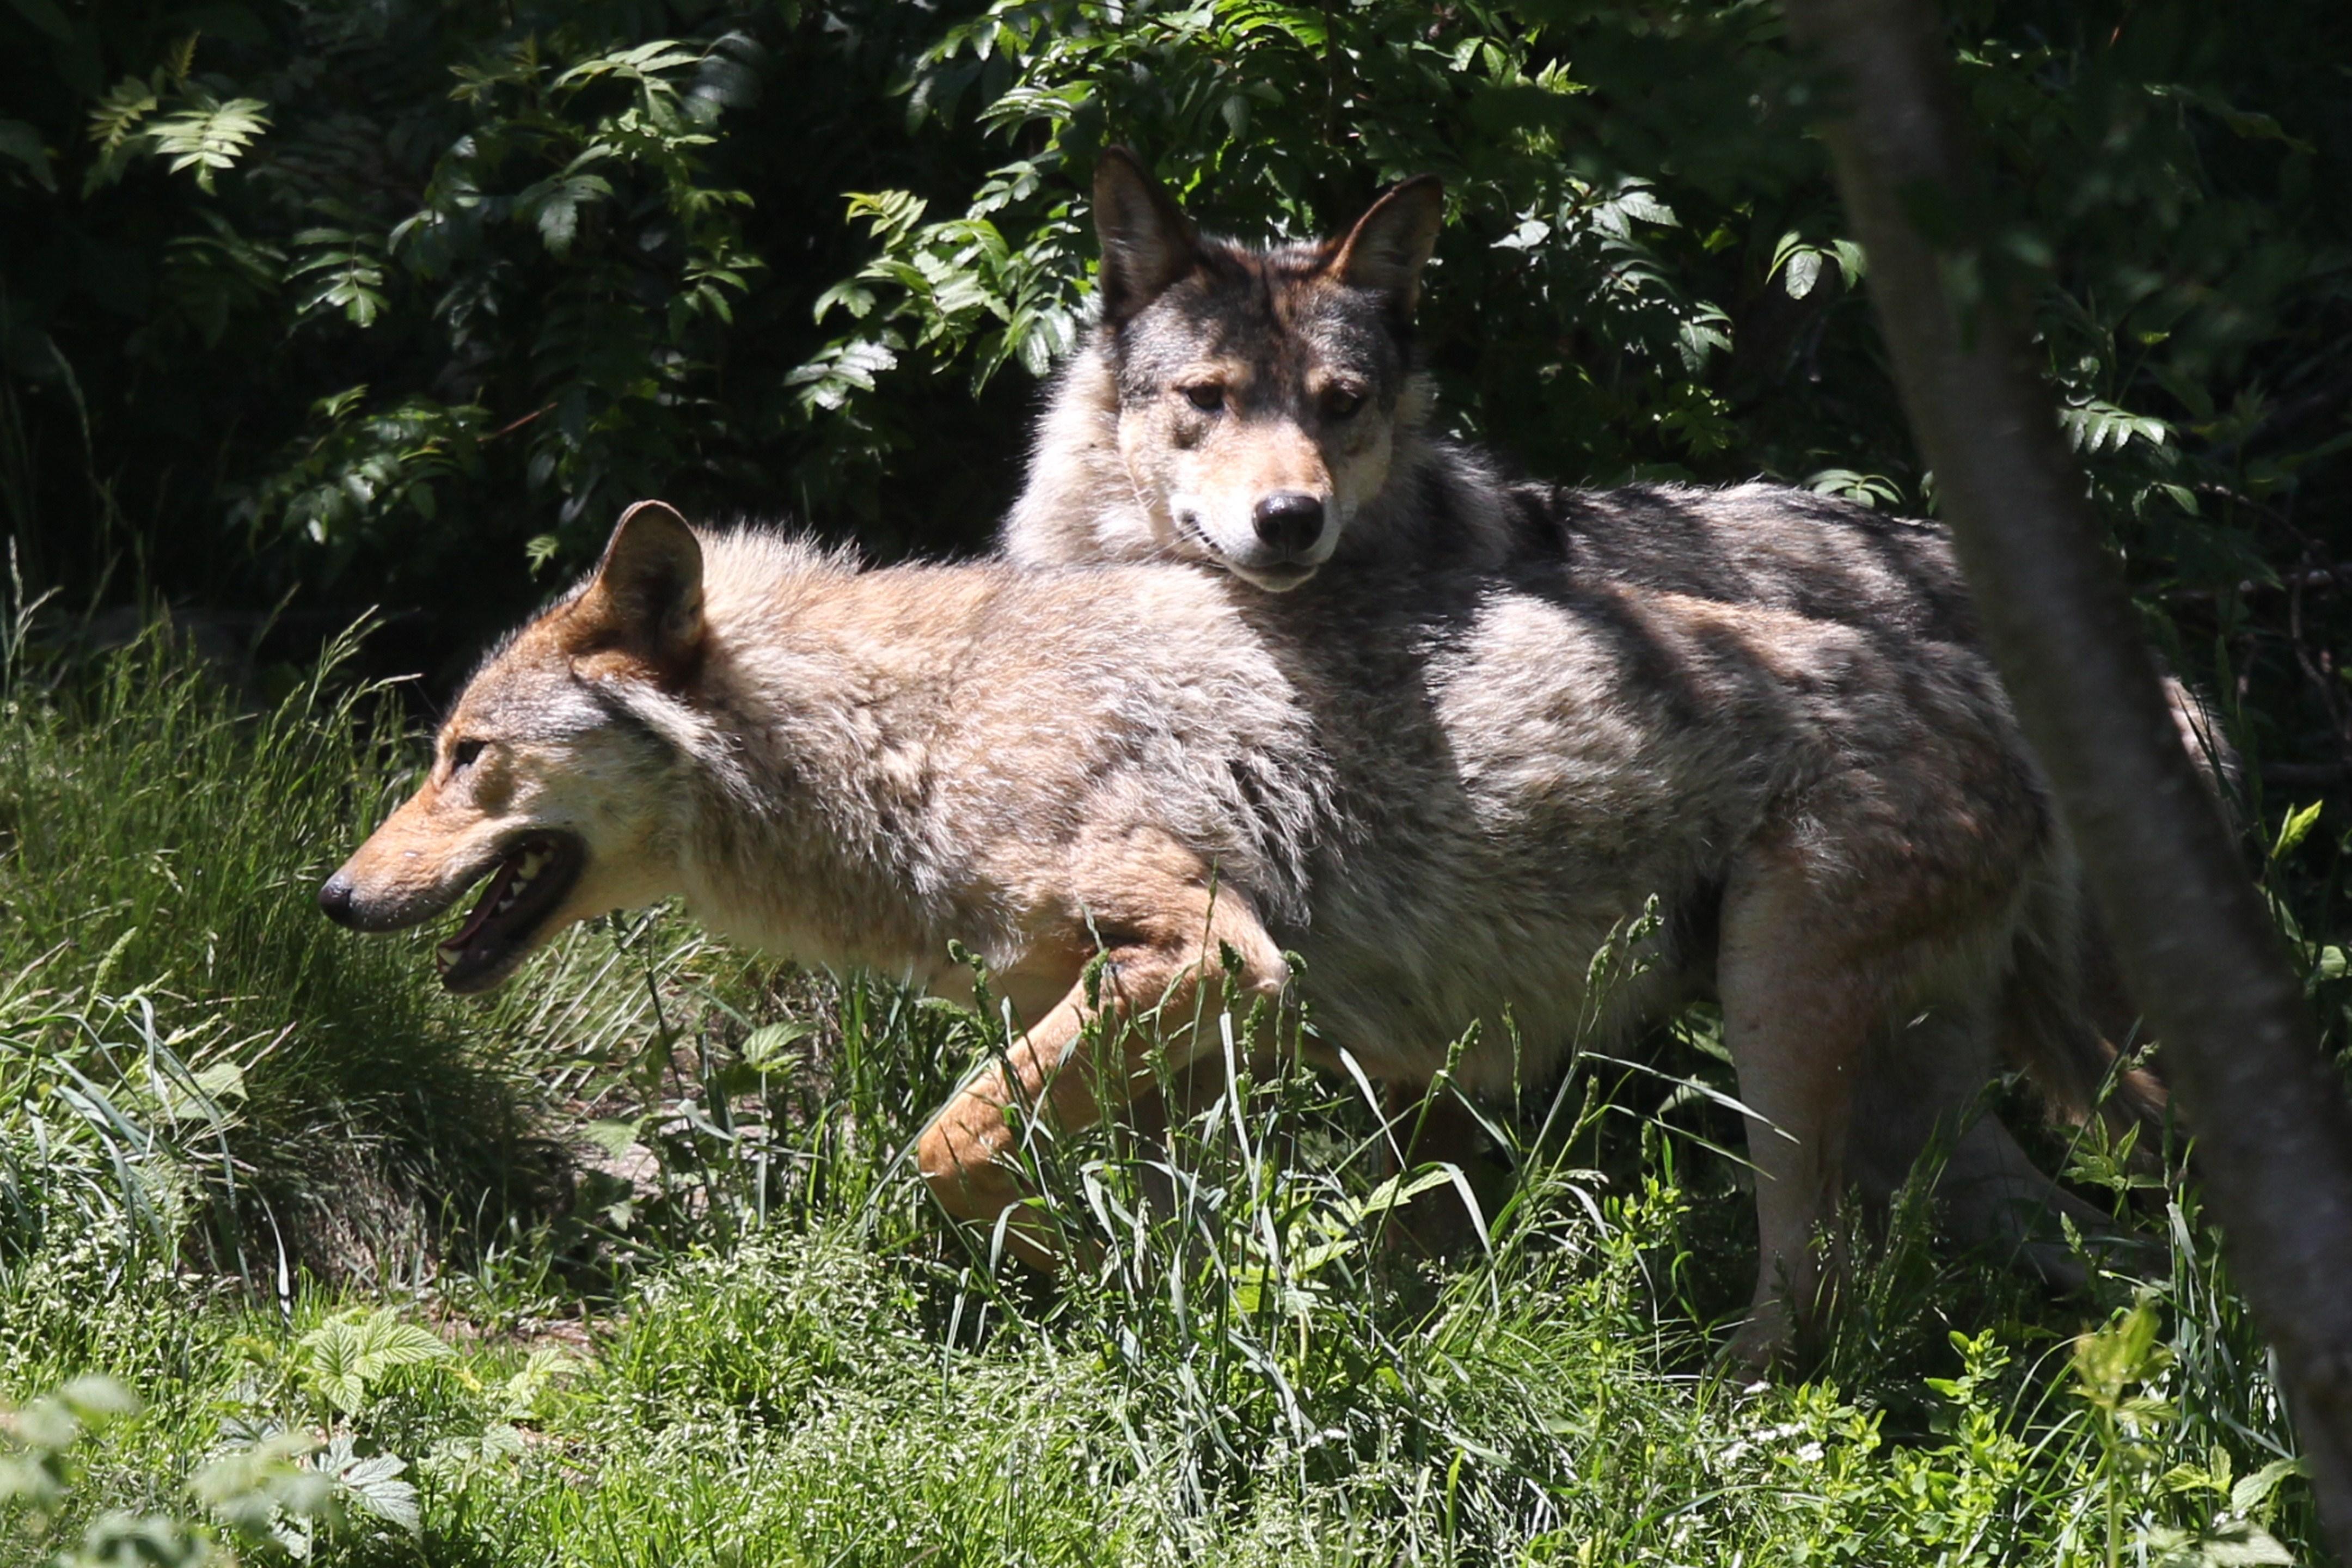 Umwelt: Etwa 350 Wölfe streifen durch Deutschland